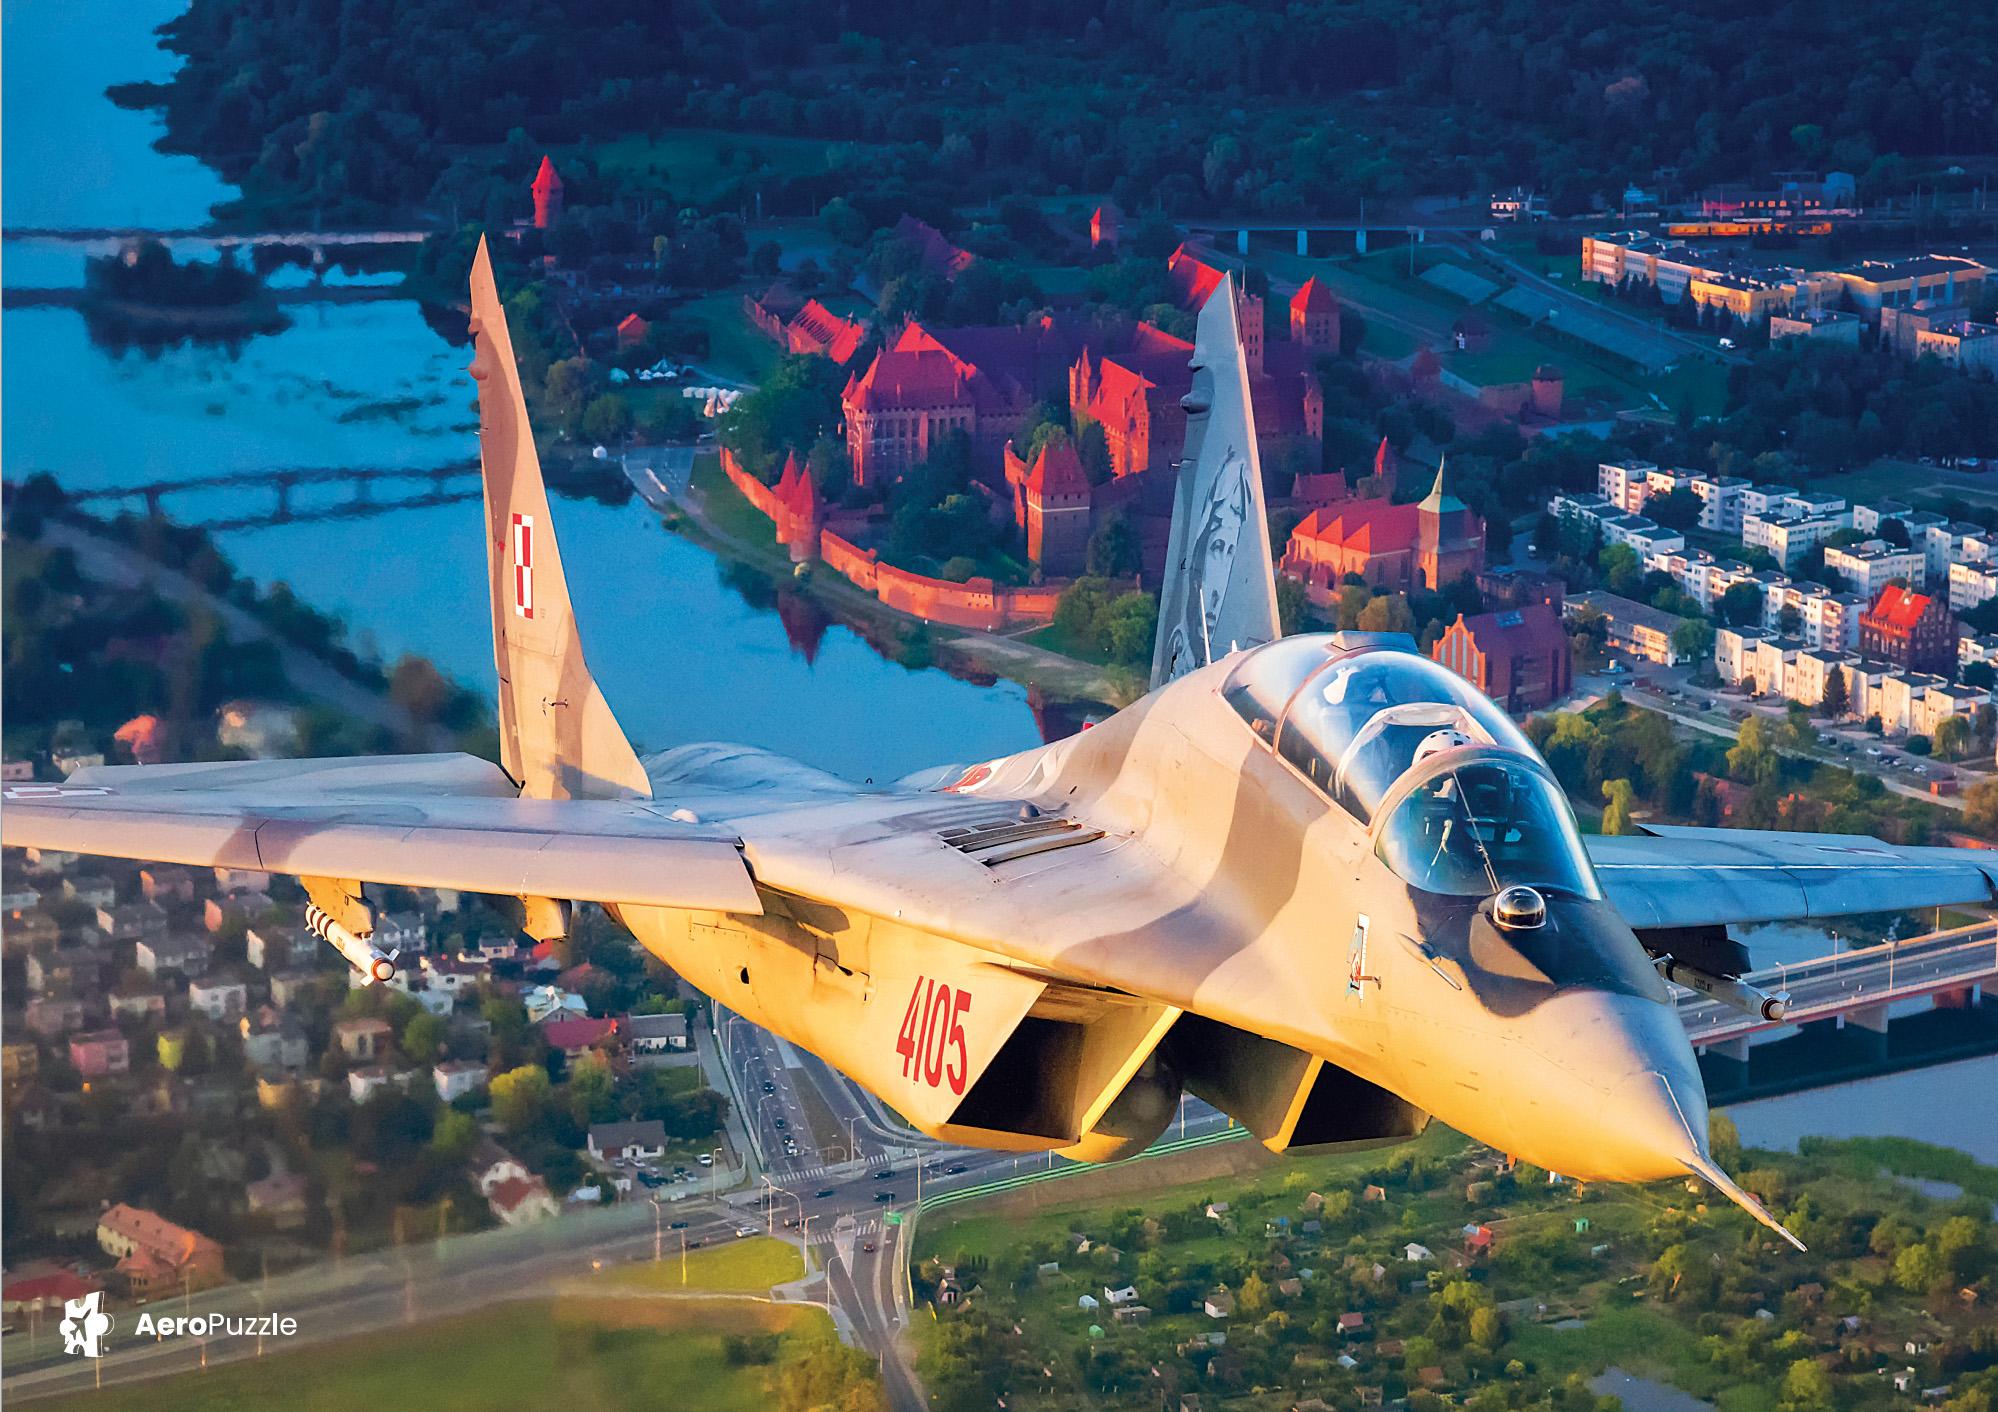 eroPuzzle flight puzzle - MiG - 29